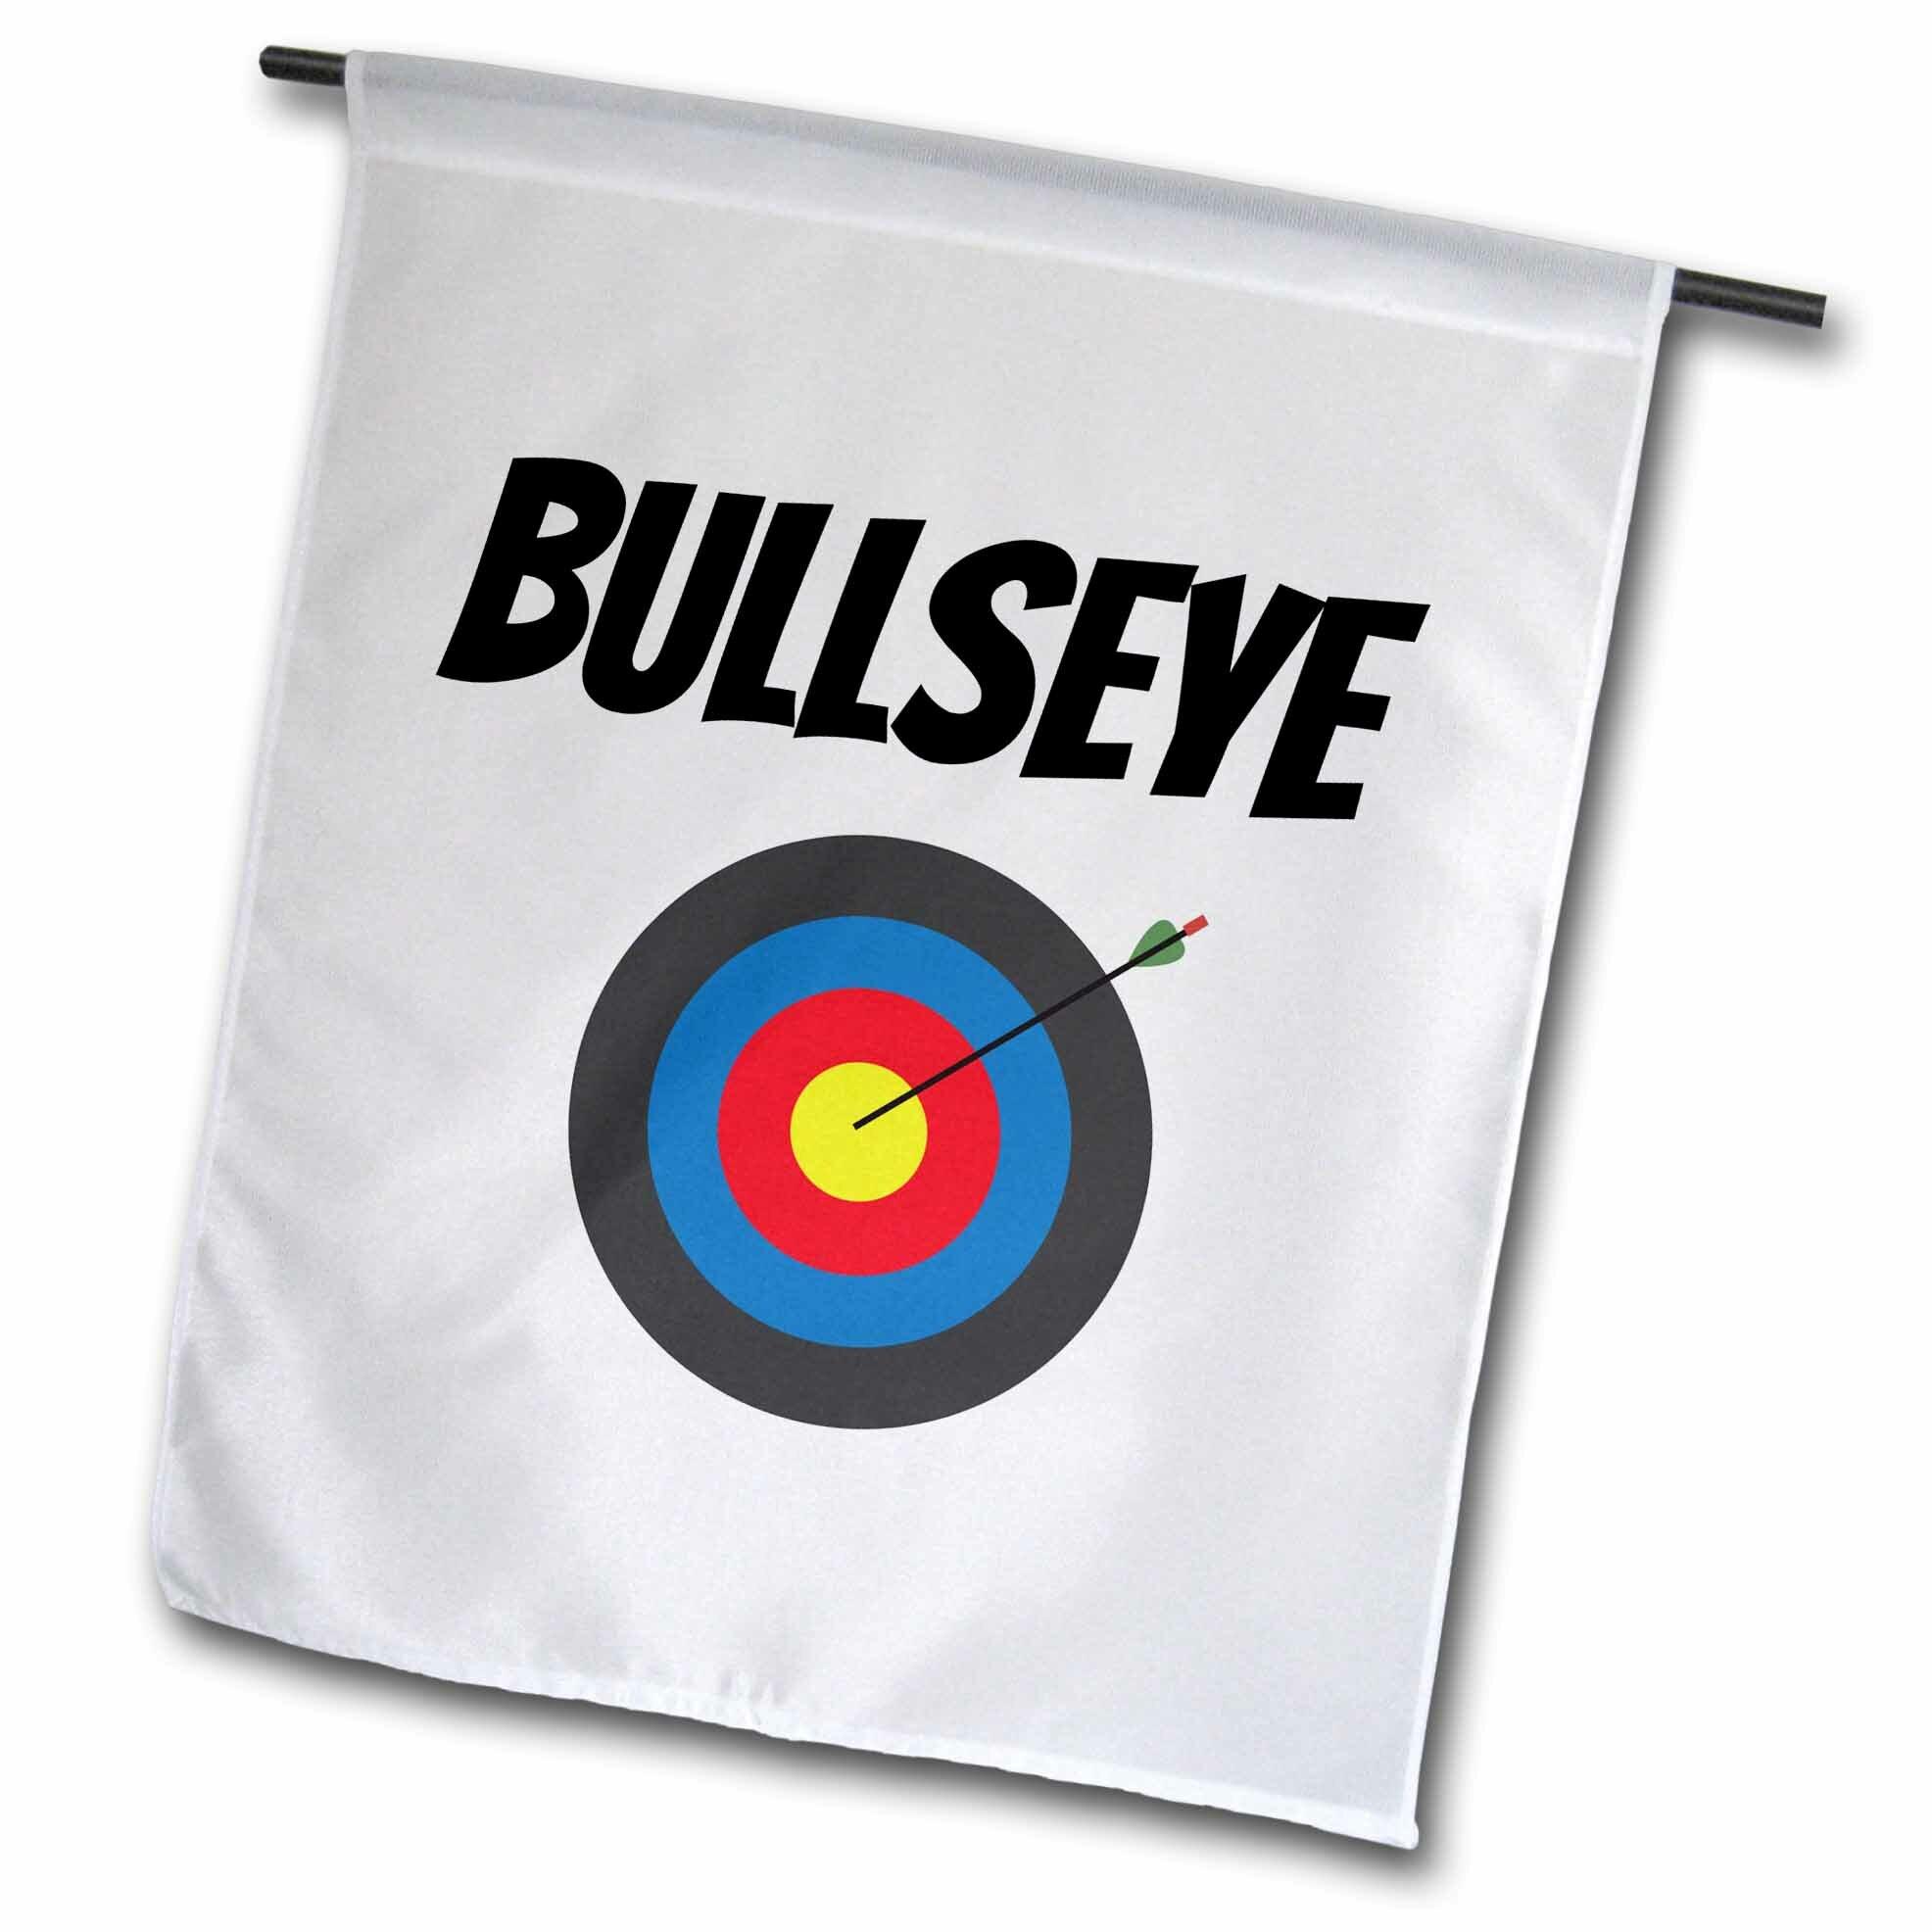 Target 5/' x 3/' Bullseye Flag